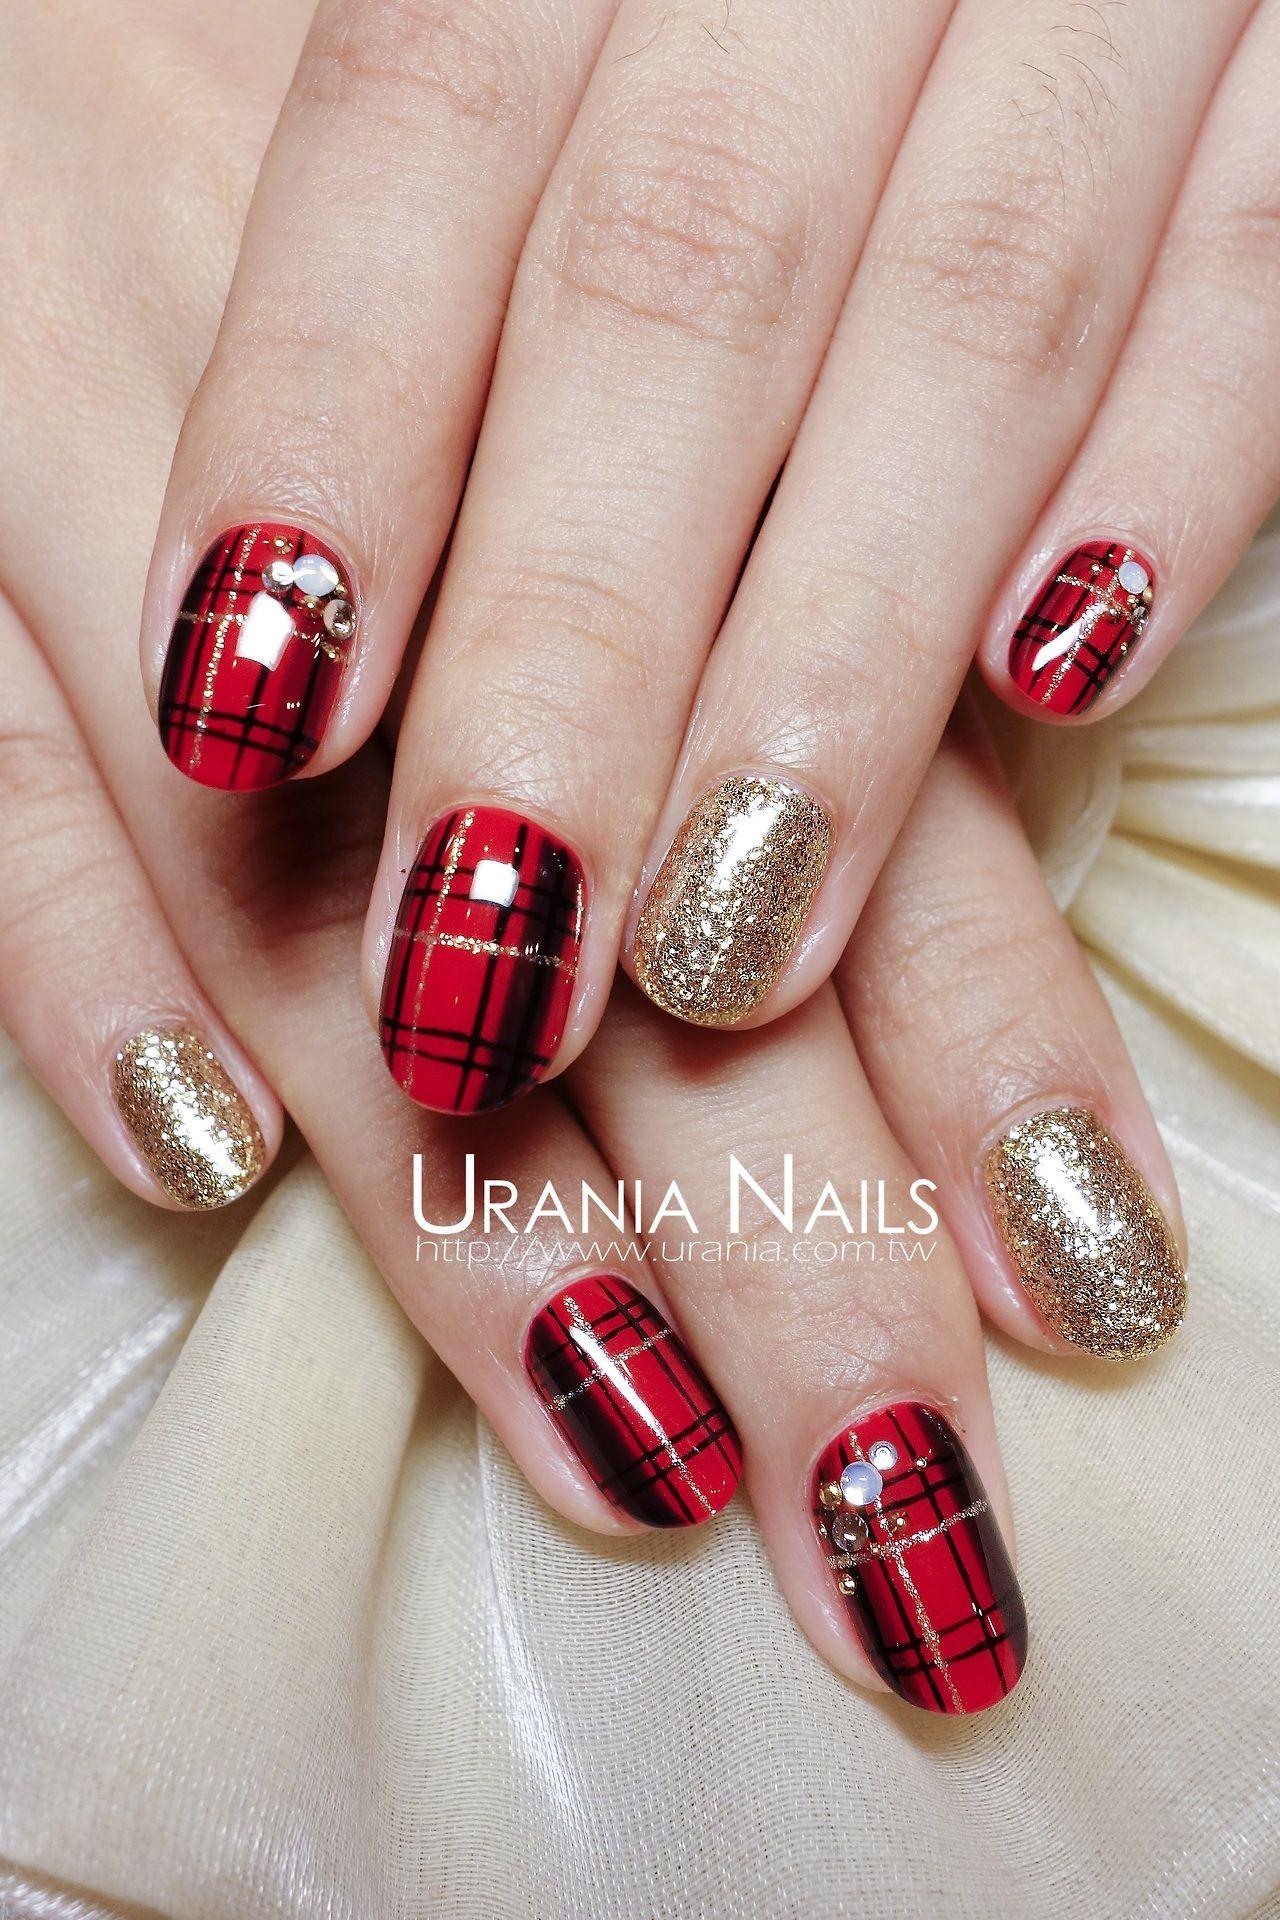 Uraniaasia nail nails nailart nails pinterest nail nail